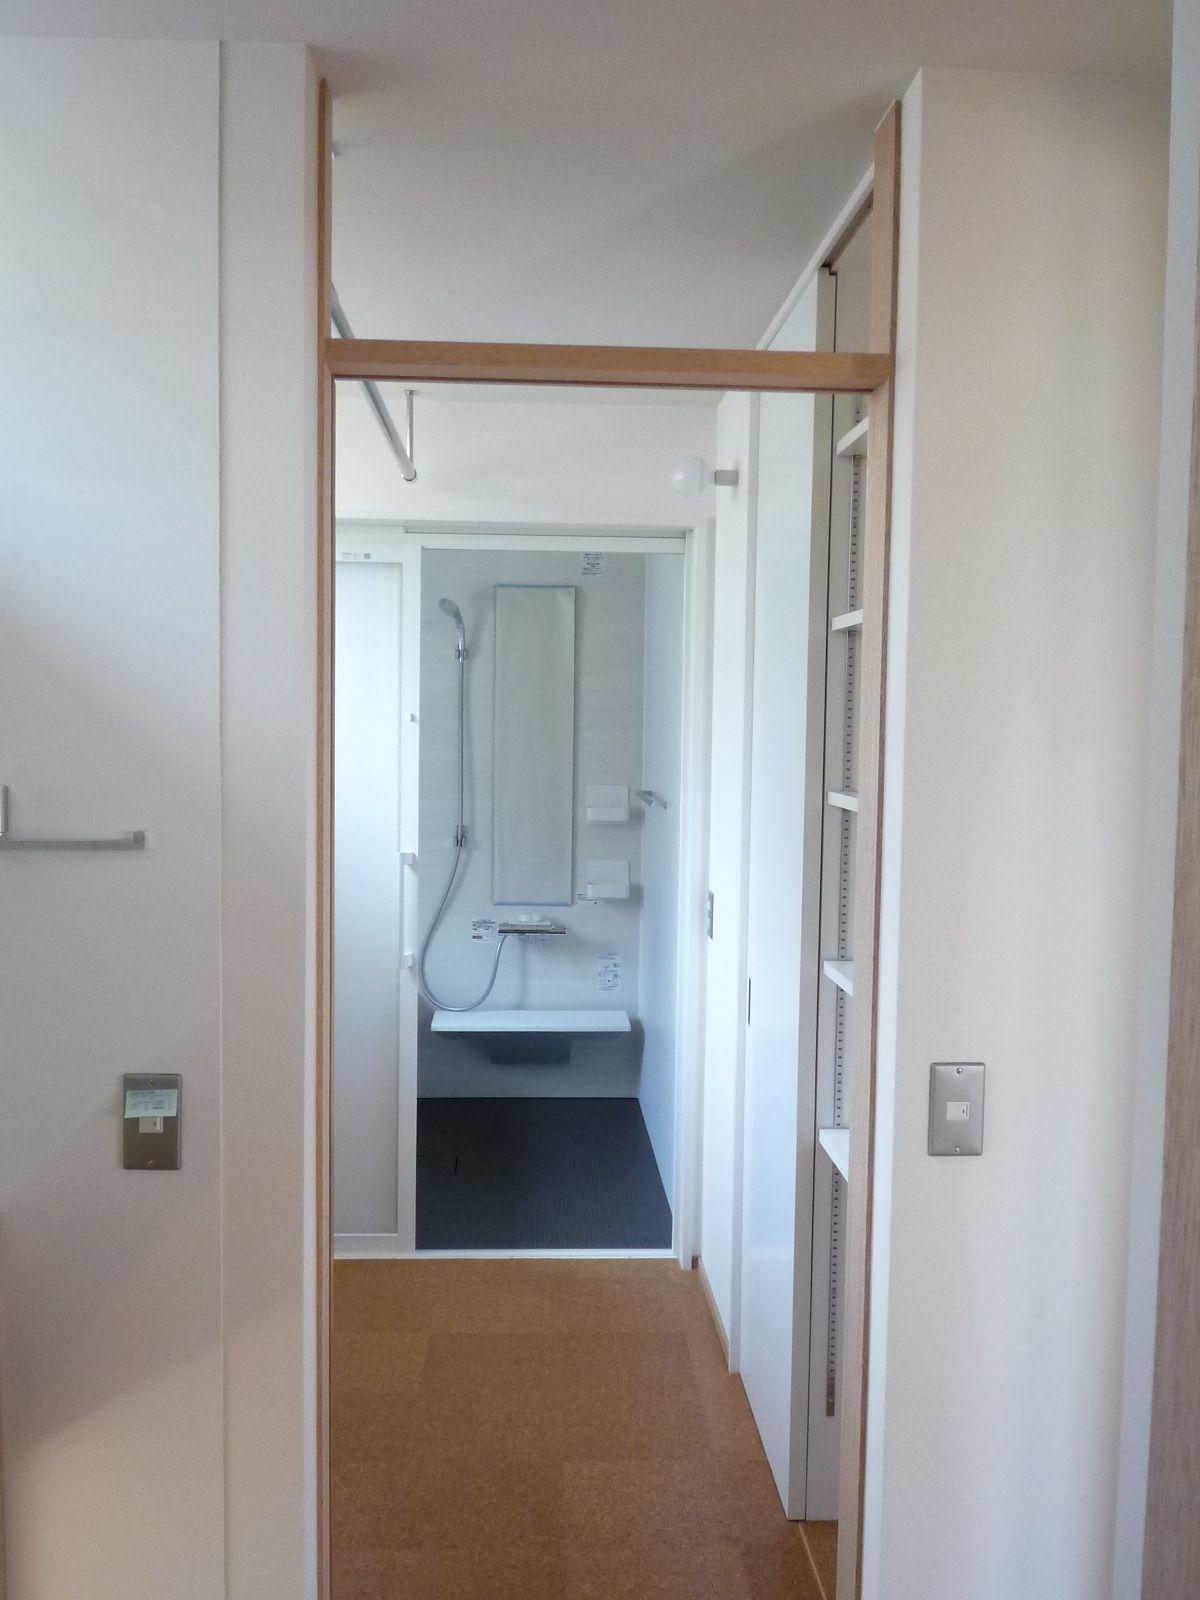 入居後web内覧会 脱衣室兼洗濯物干室 造ってよかったたっぷり収納と